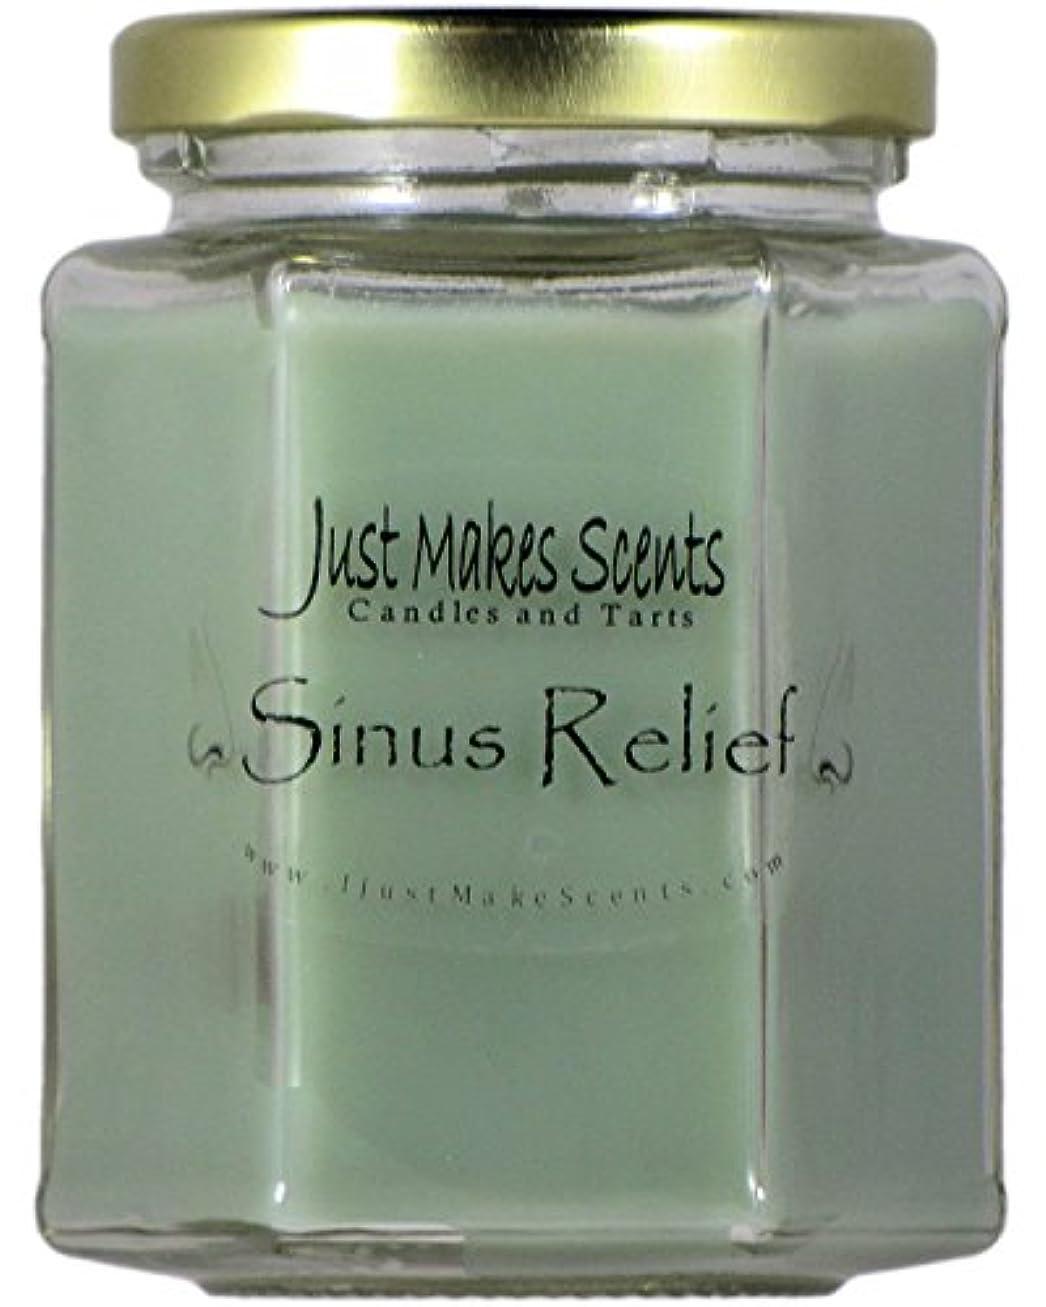 感嘆放射性ピークSinus Relief ( Vicks Vapor Rubタイプ)香りつきBlended Soy Candle by Just Makes Scents ( 8オンス)